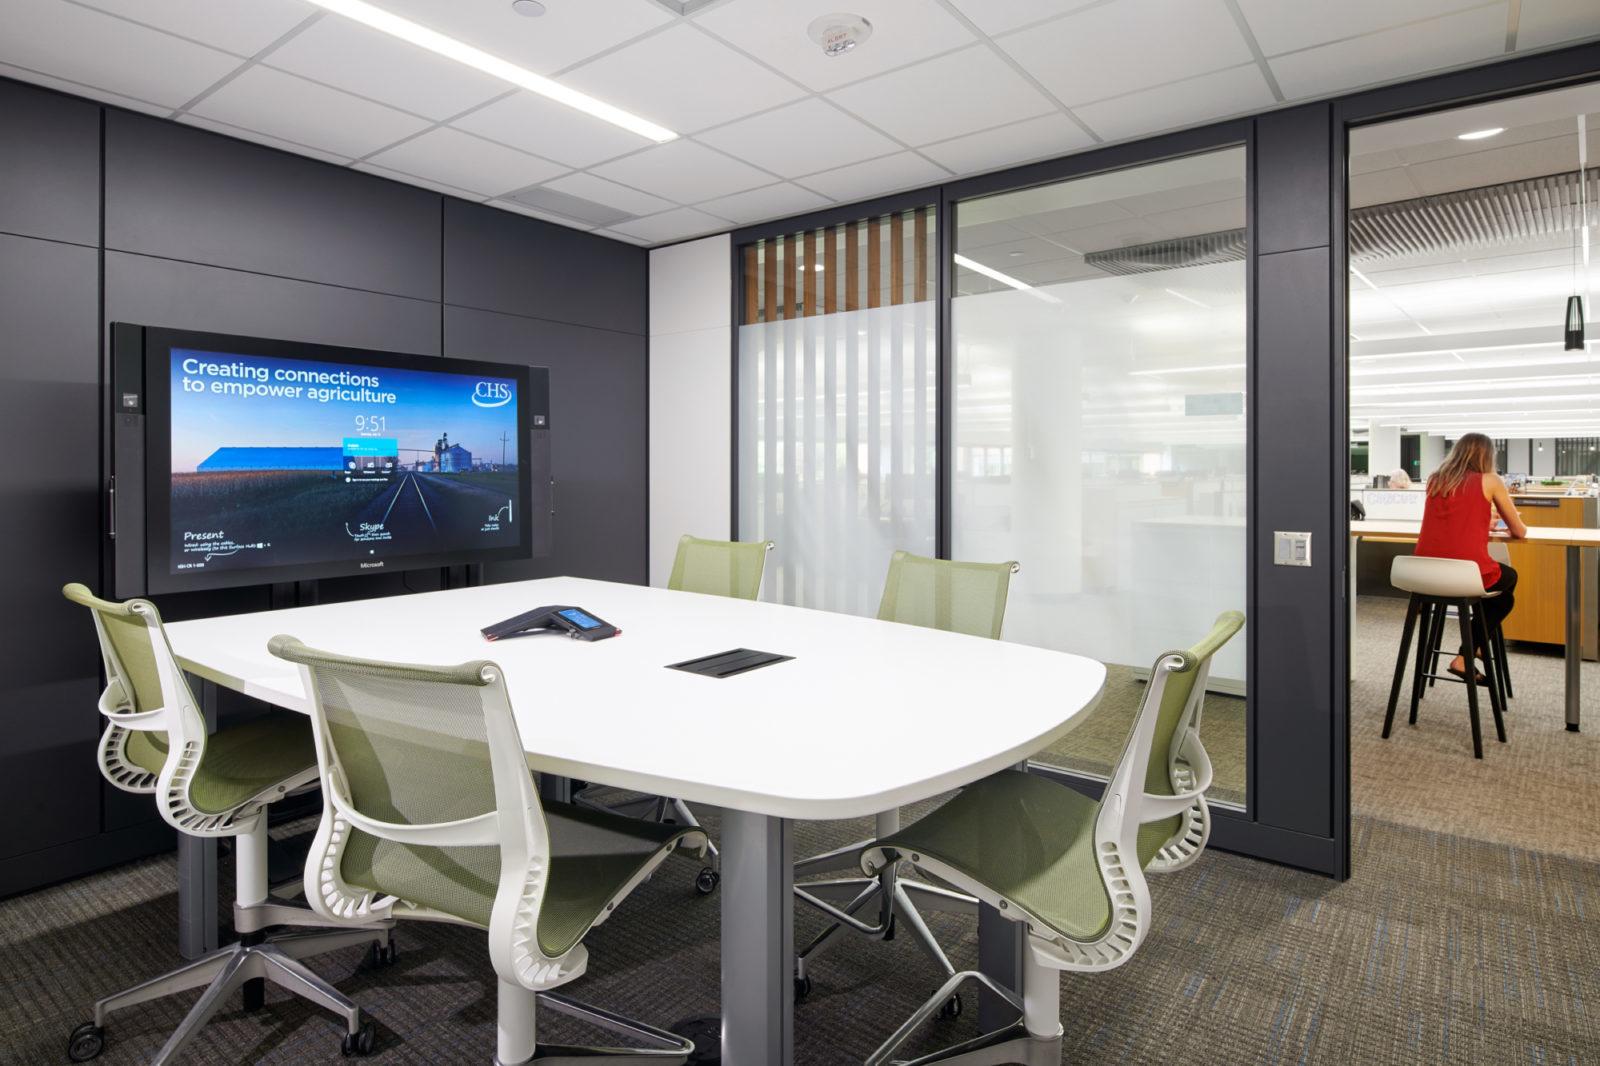 Small collaborative conference room